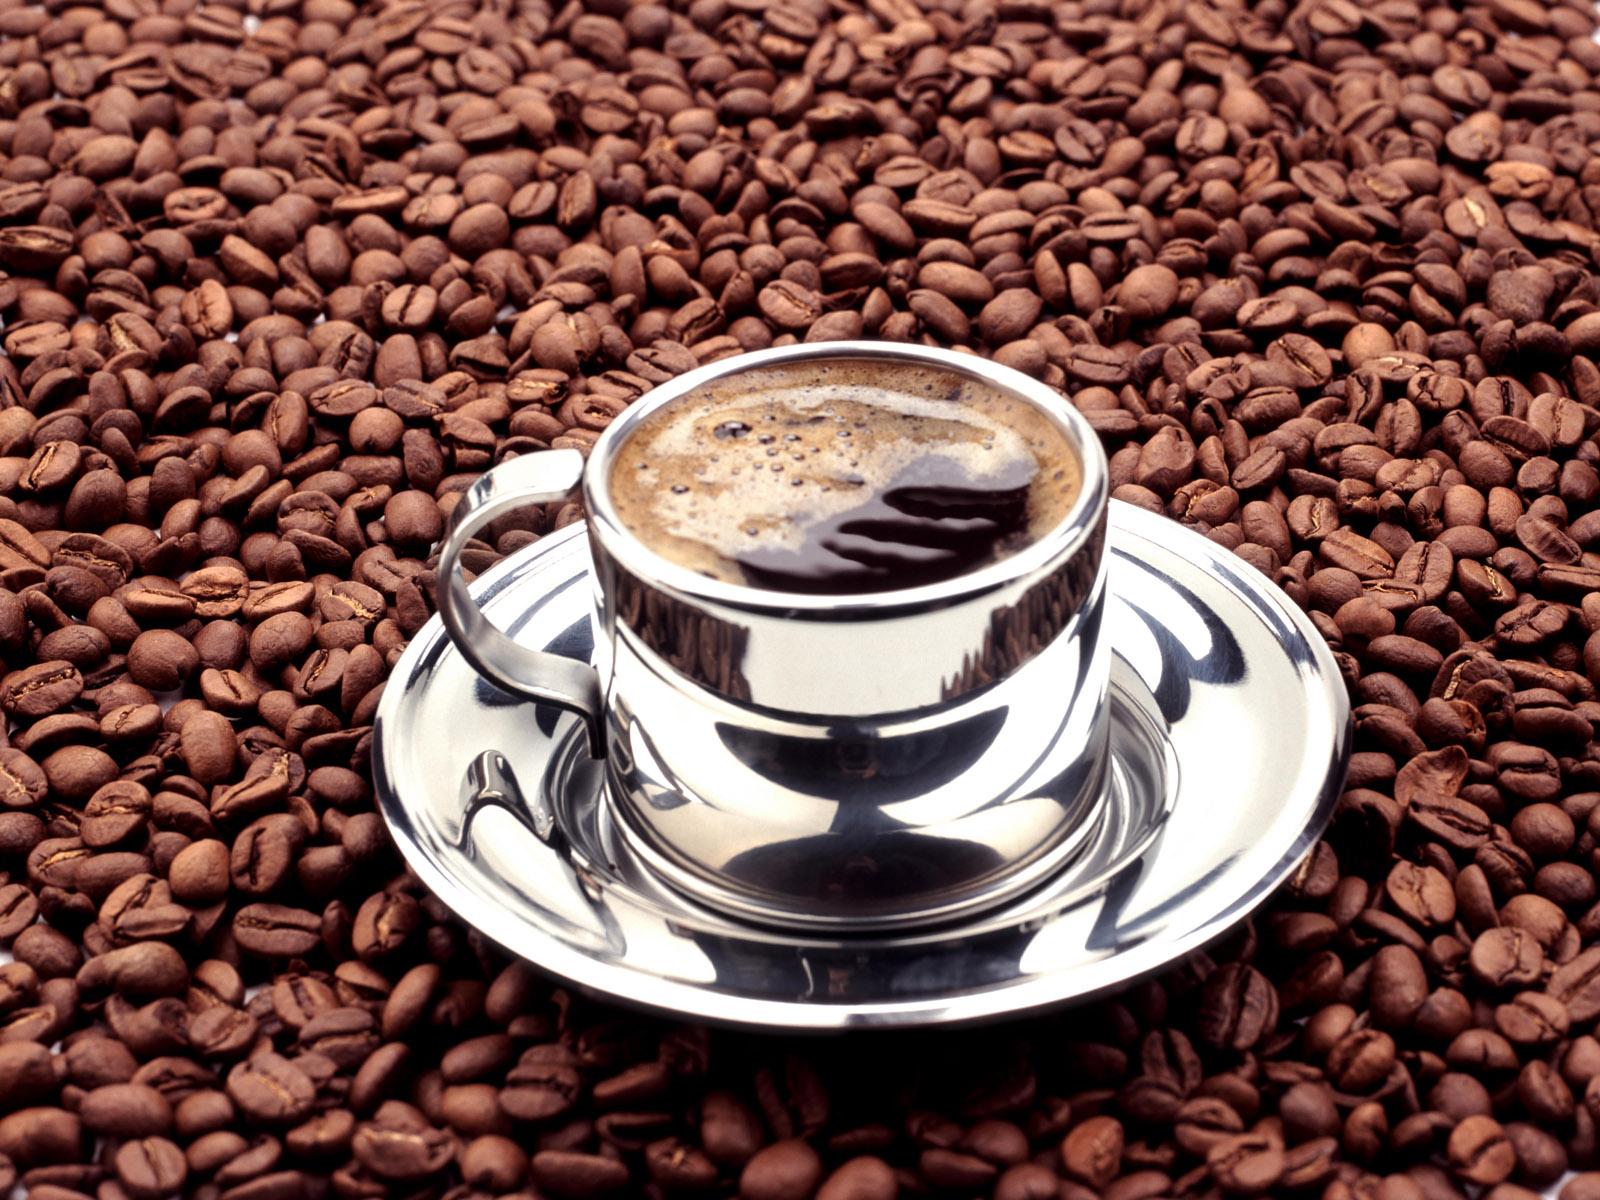 чашка кофе стоит на зернах, скачать фото, обои для рабочего стола